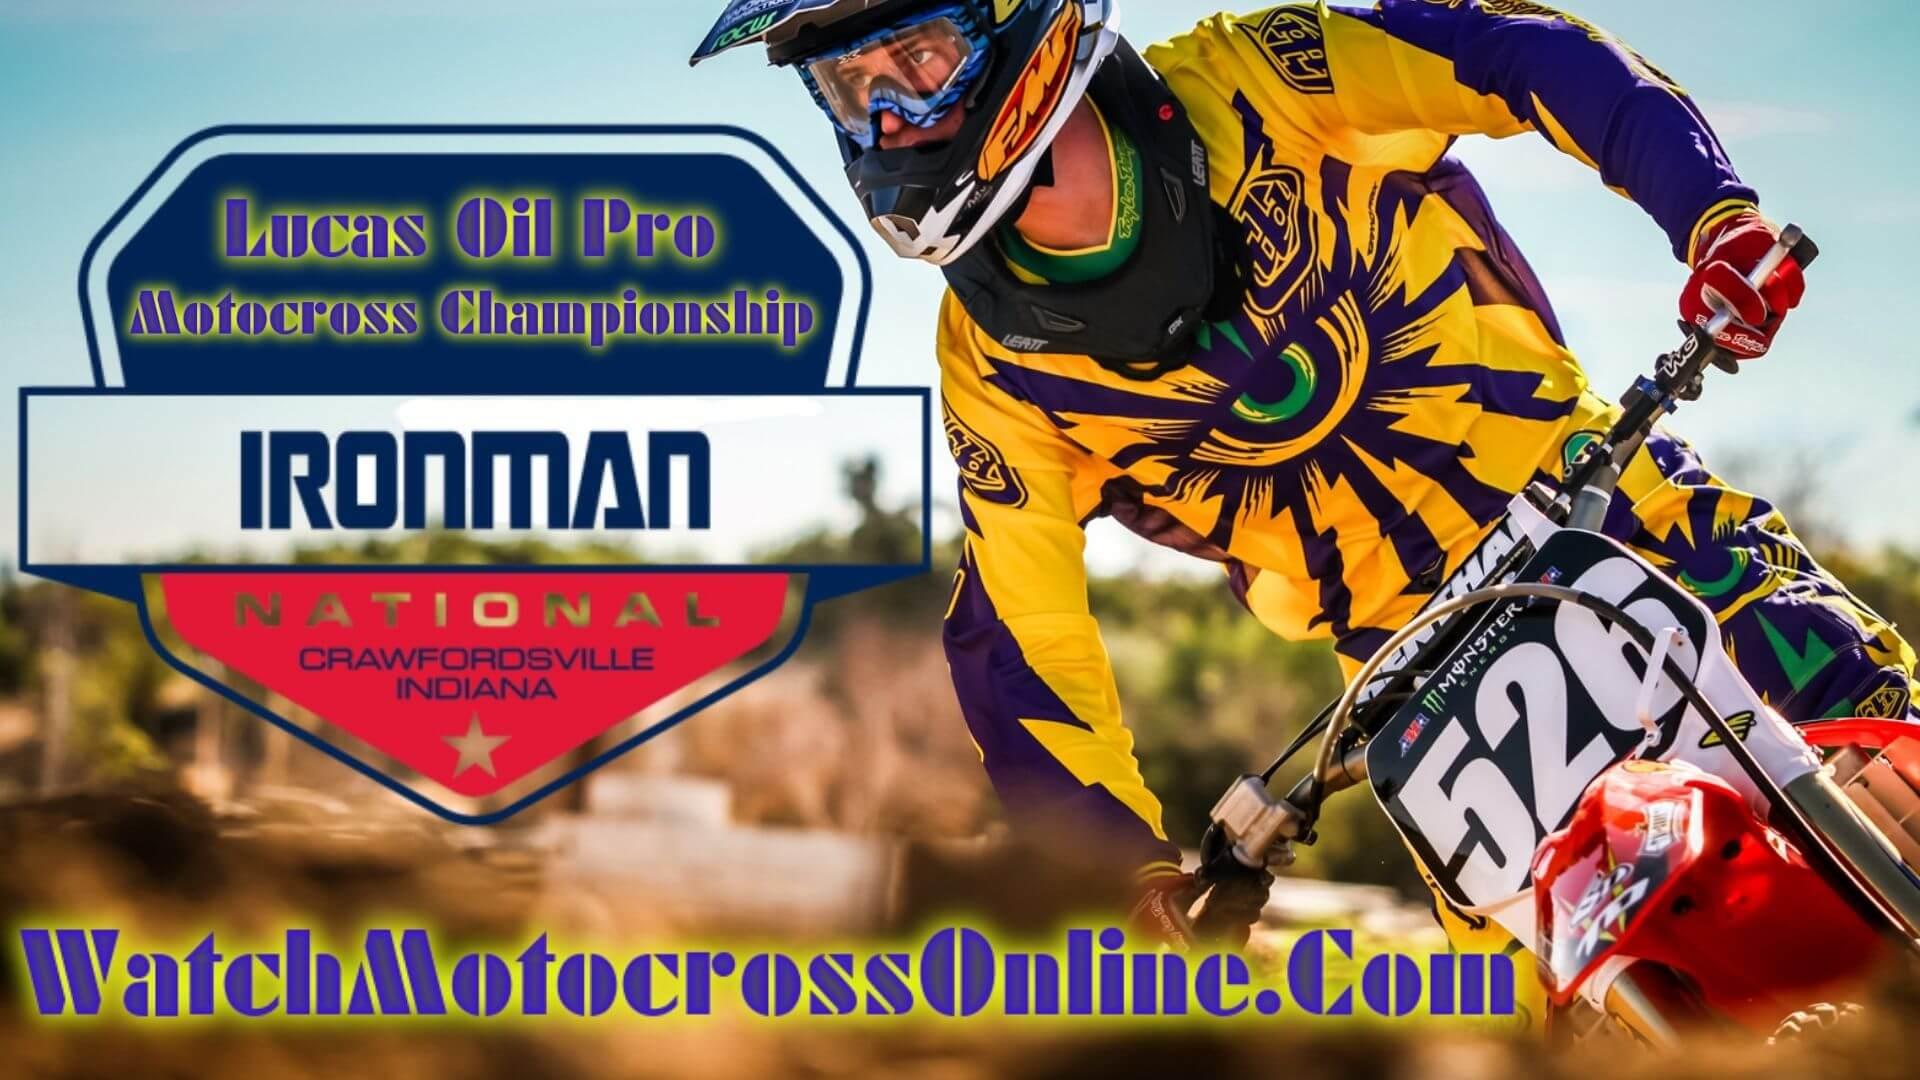 watch-ironman-national-motocross-live